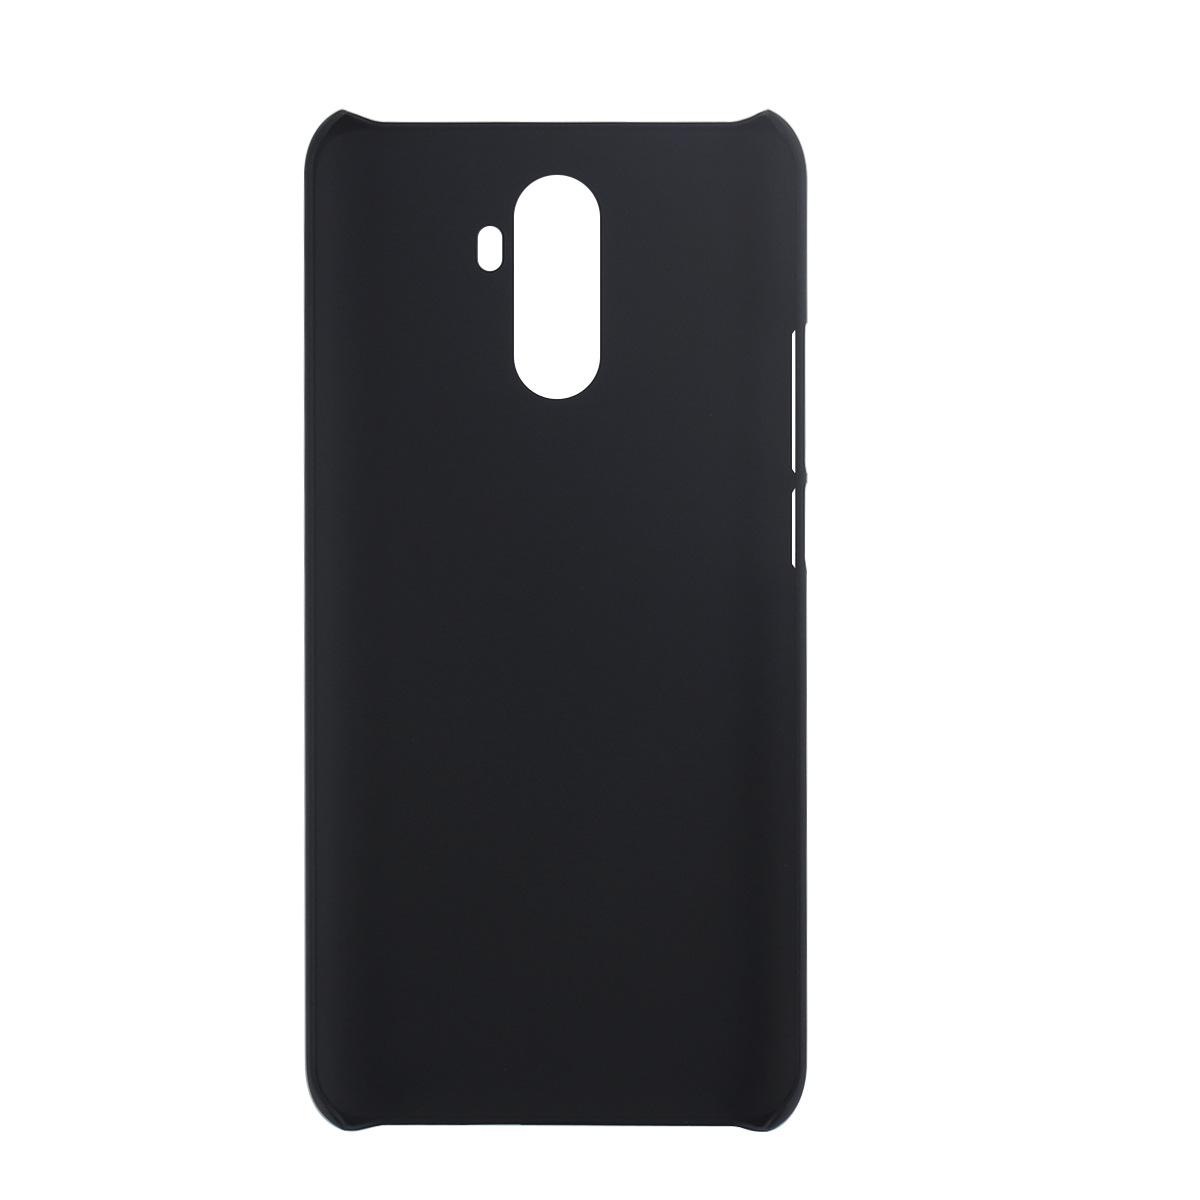 Phone Case For Elephone U PRO Brushed Textured Hard Plastic Plain